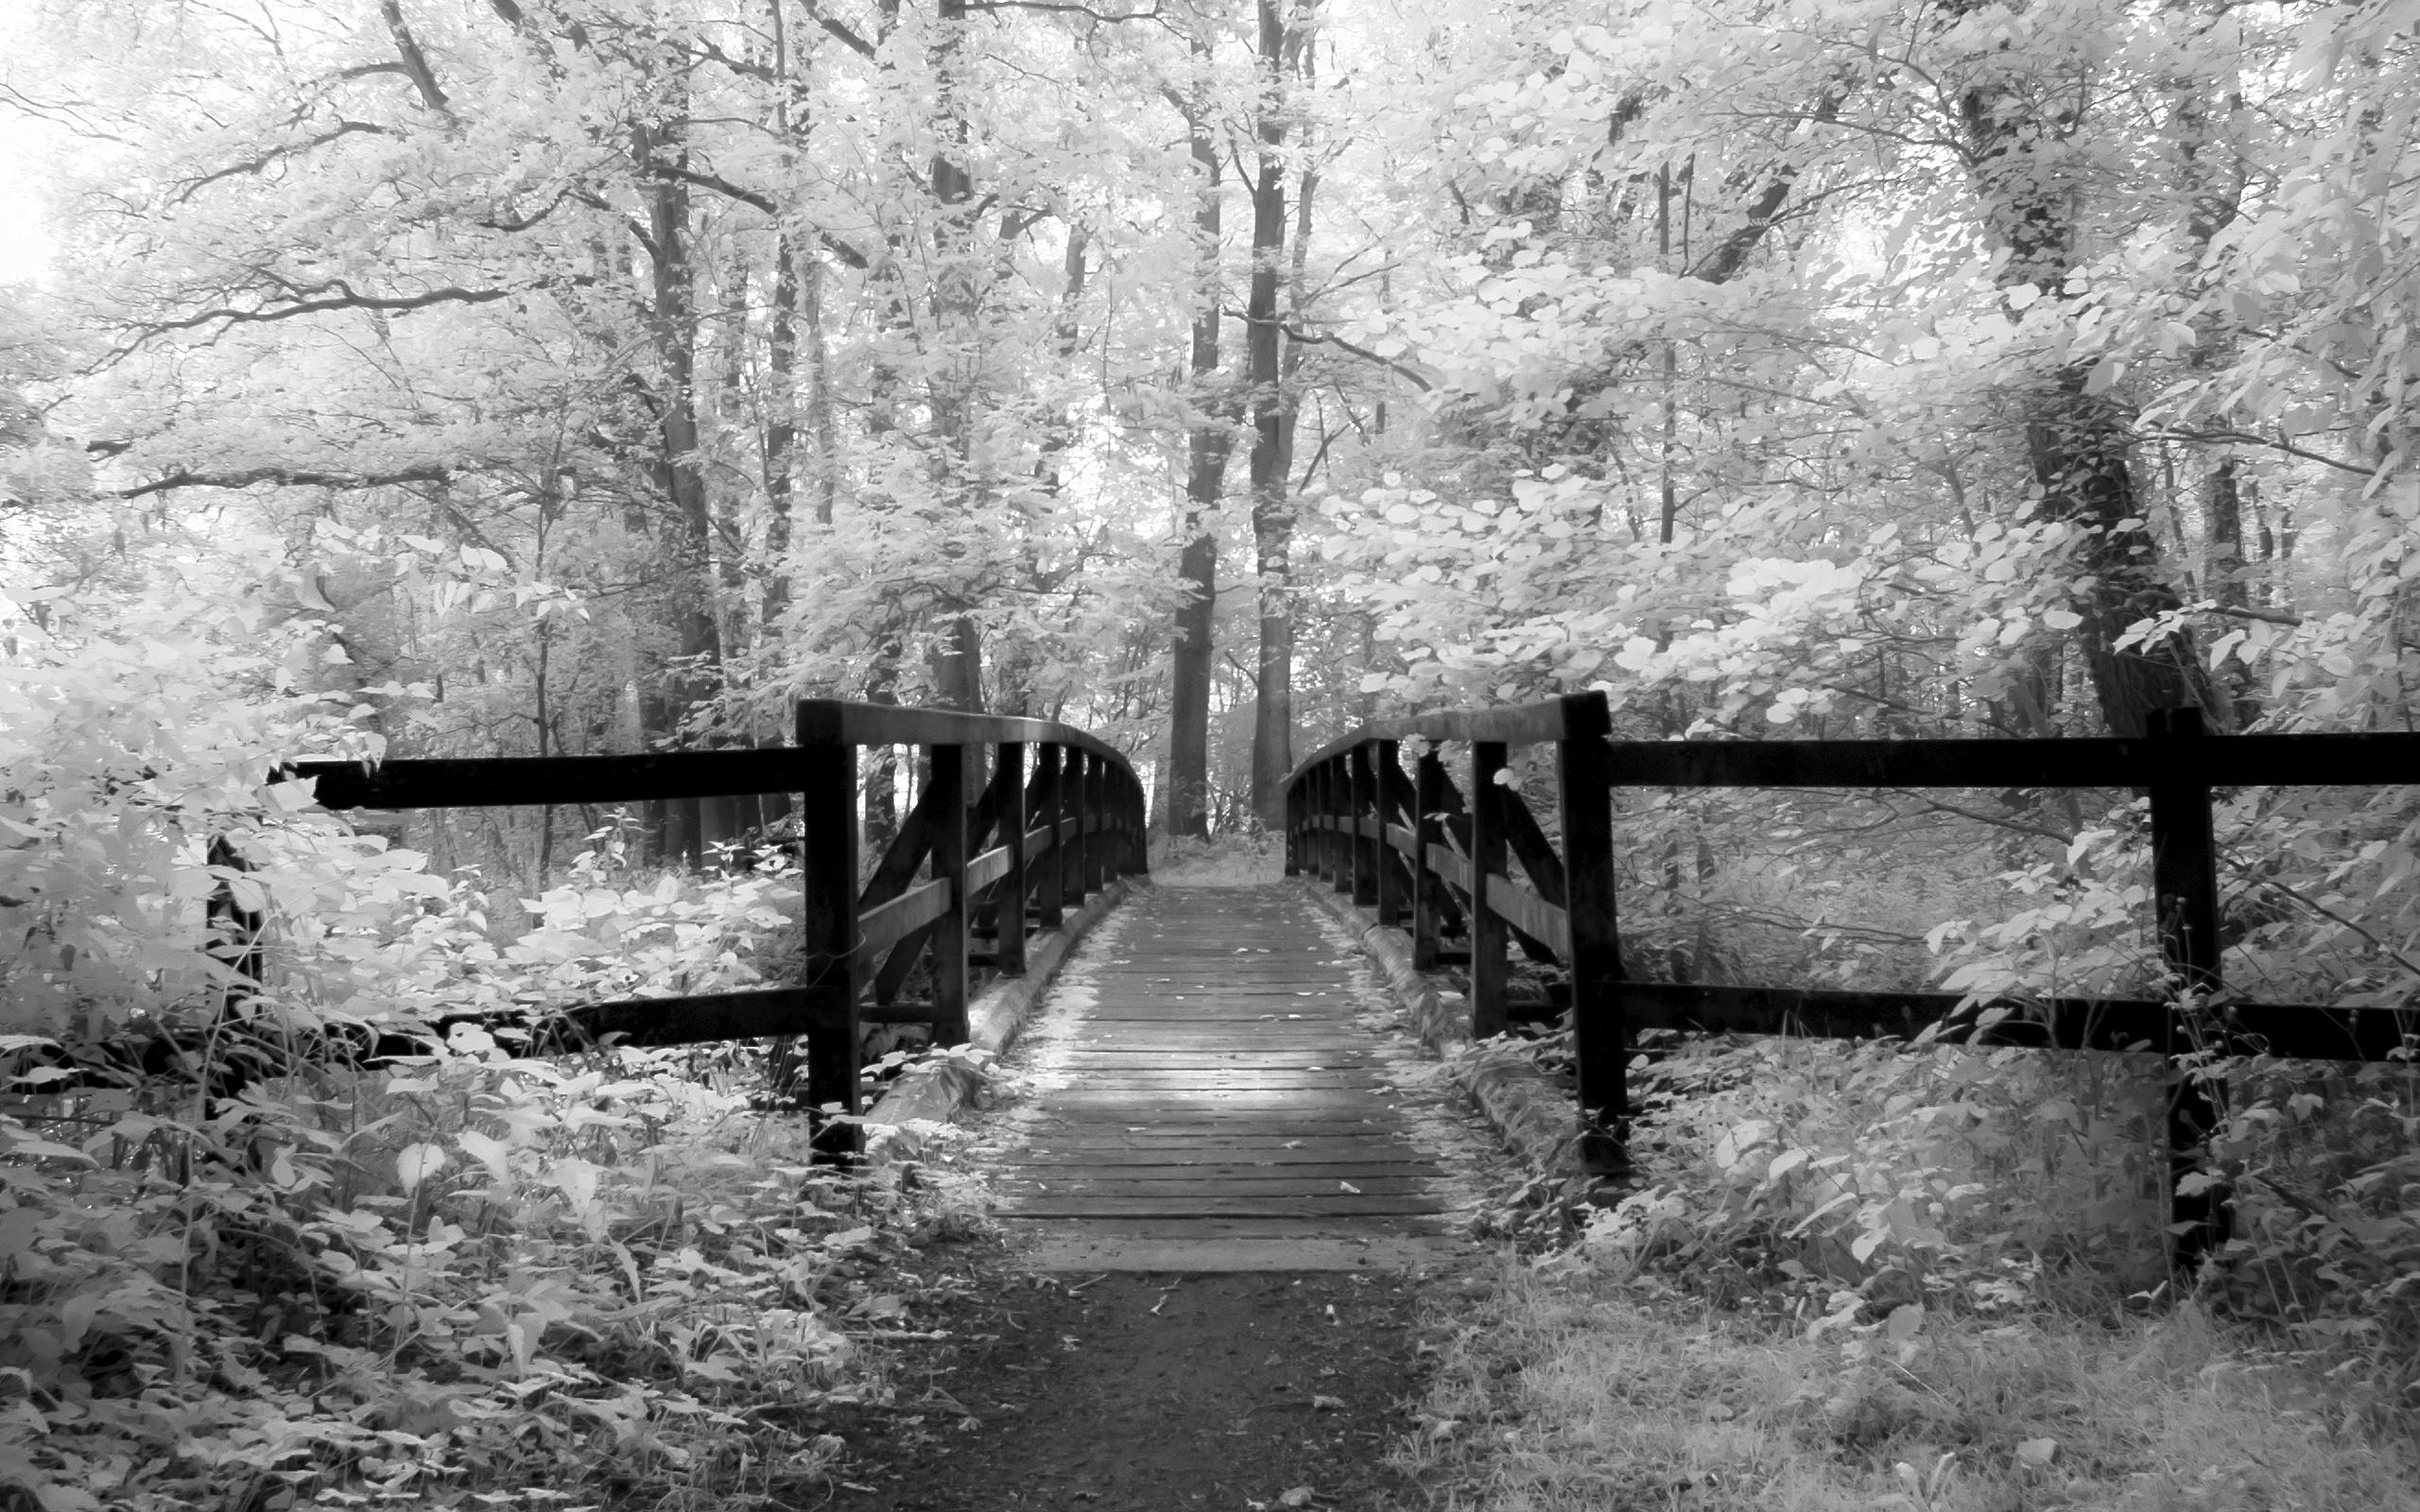 Bridge into Wooded Vale